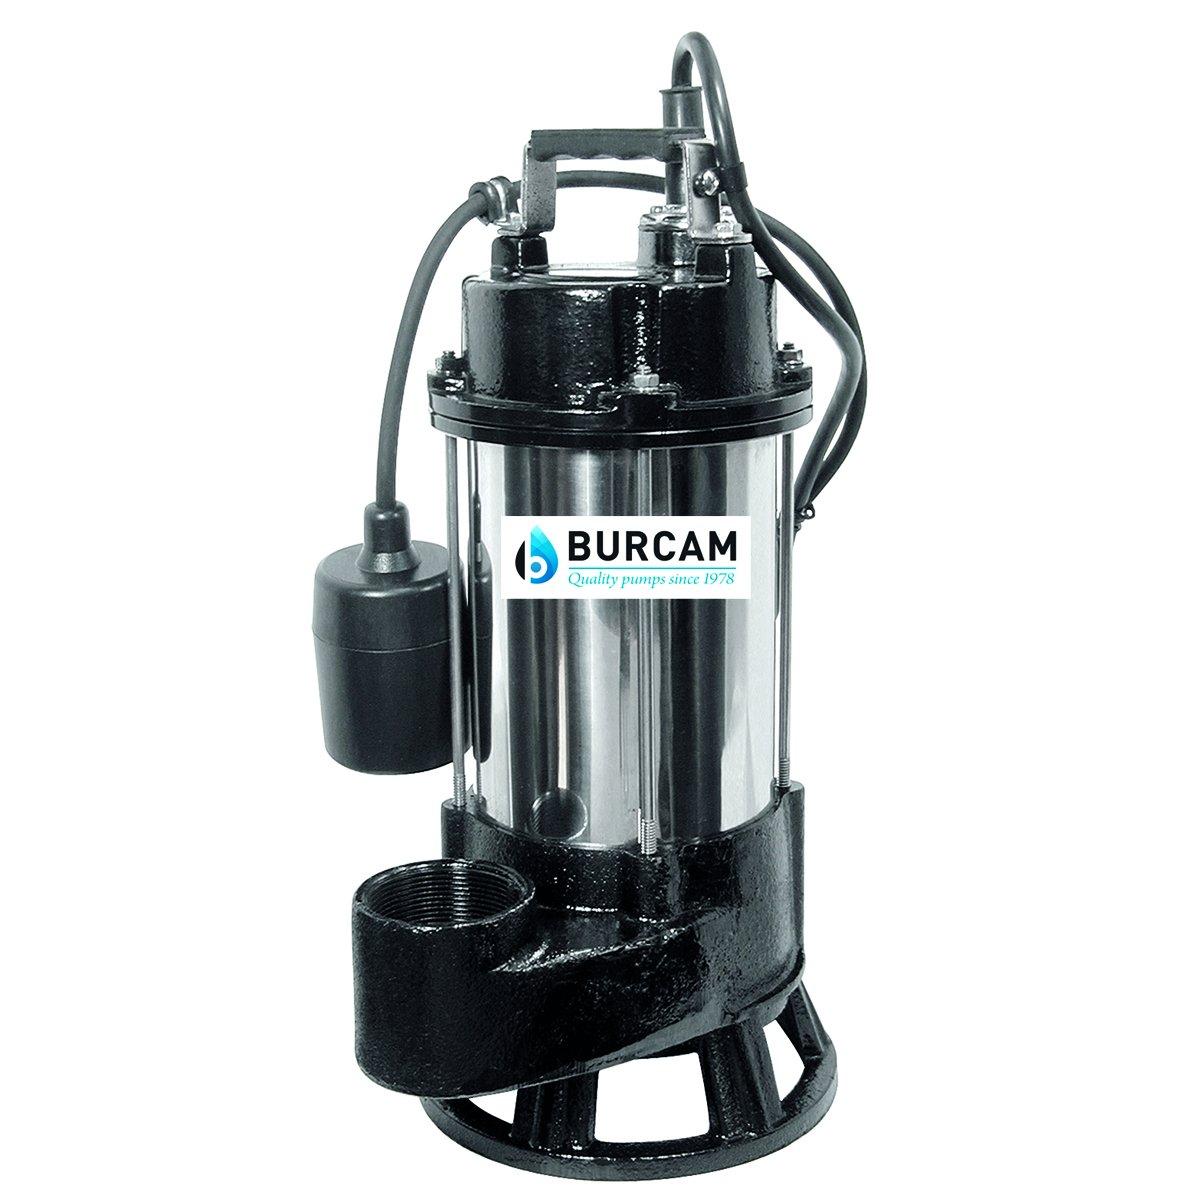 BURCAM 400416T 3/4 HP Heavy Duty Stainless Steel Sewage Grinder Pump by Bur-Cam